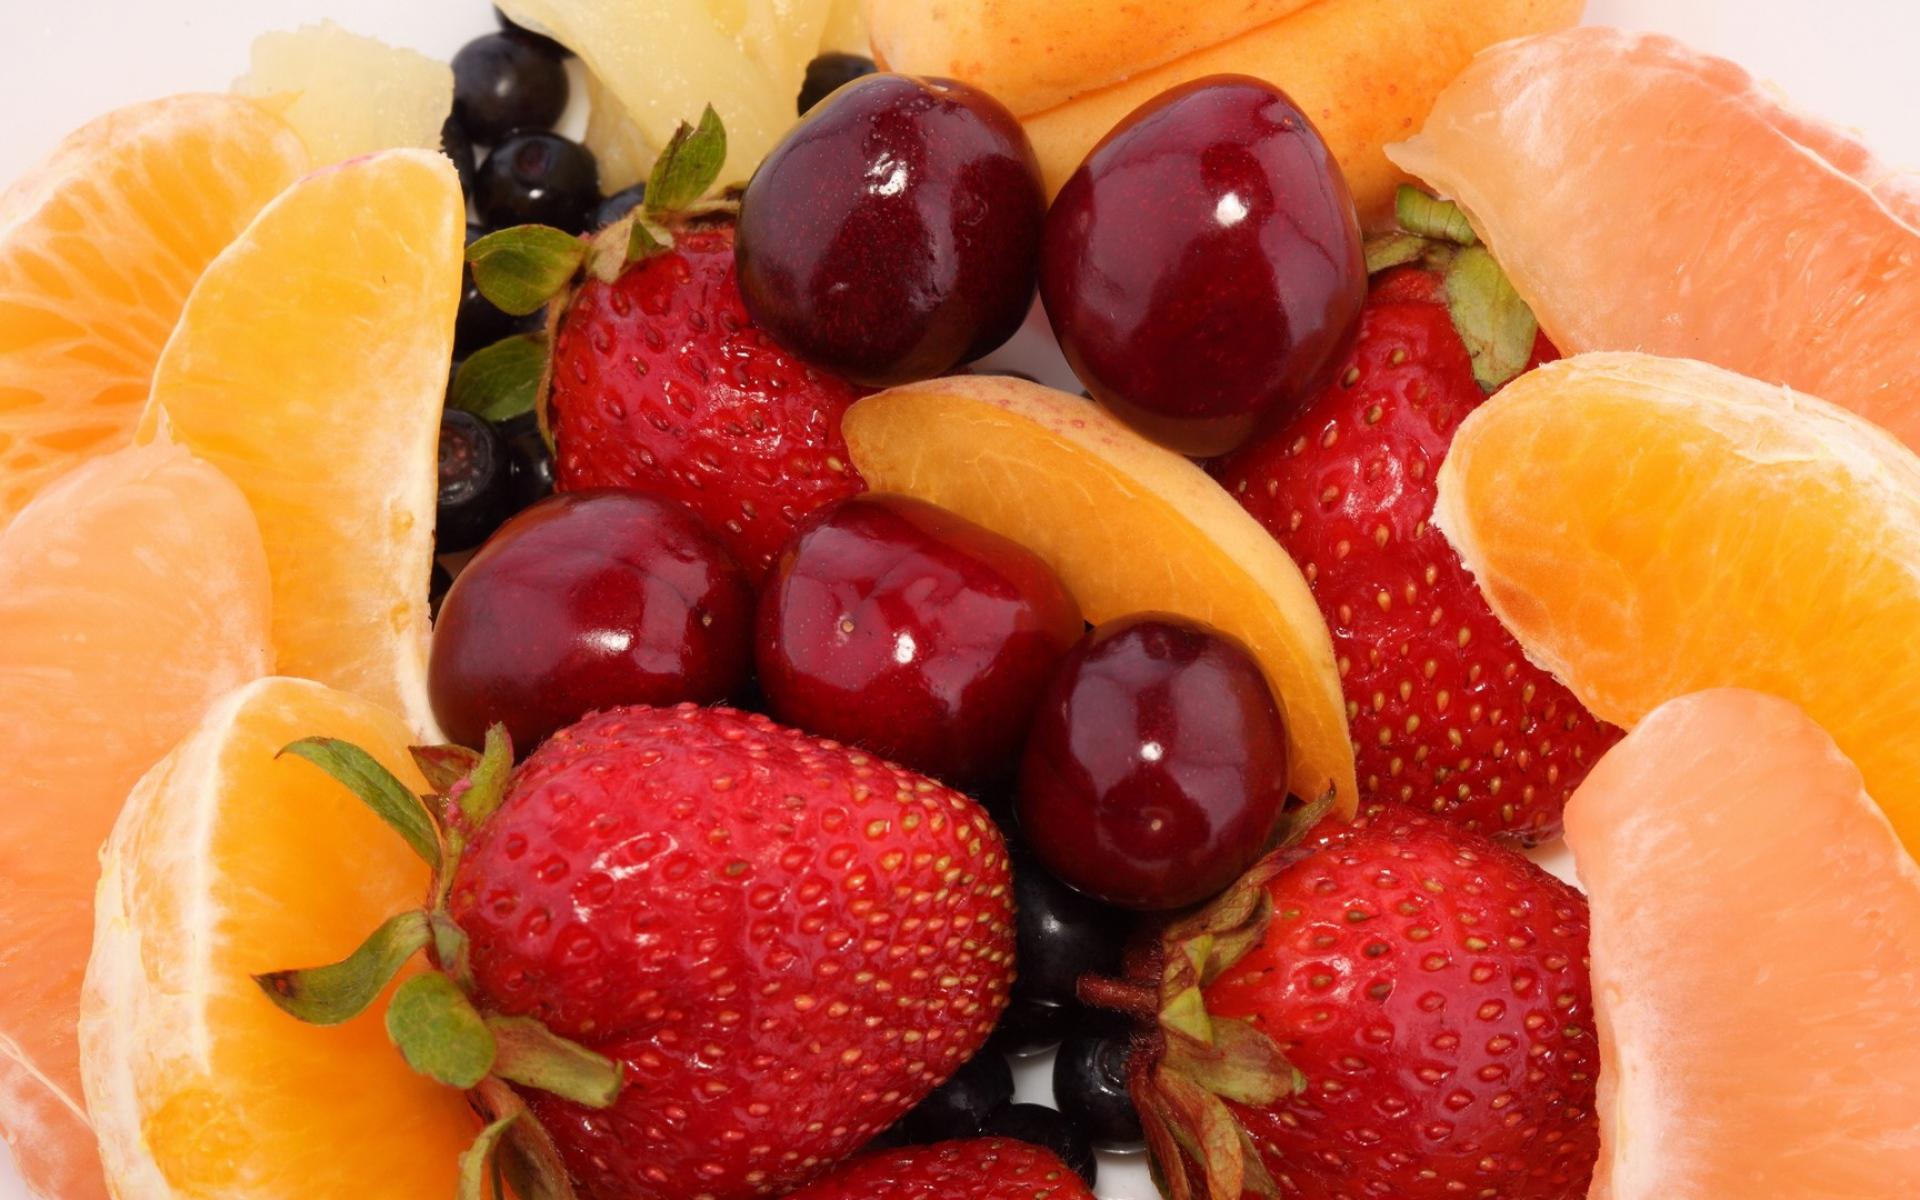 Картинки клубника, апельсин, грейпфрут, черника, вишня, десерт, фрукты, ягоды, продукты питание фото и обои на рабочий стол